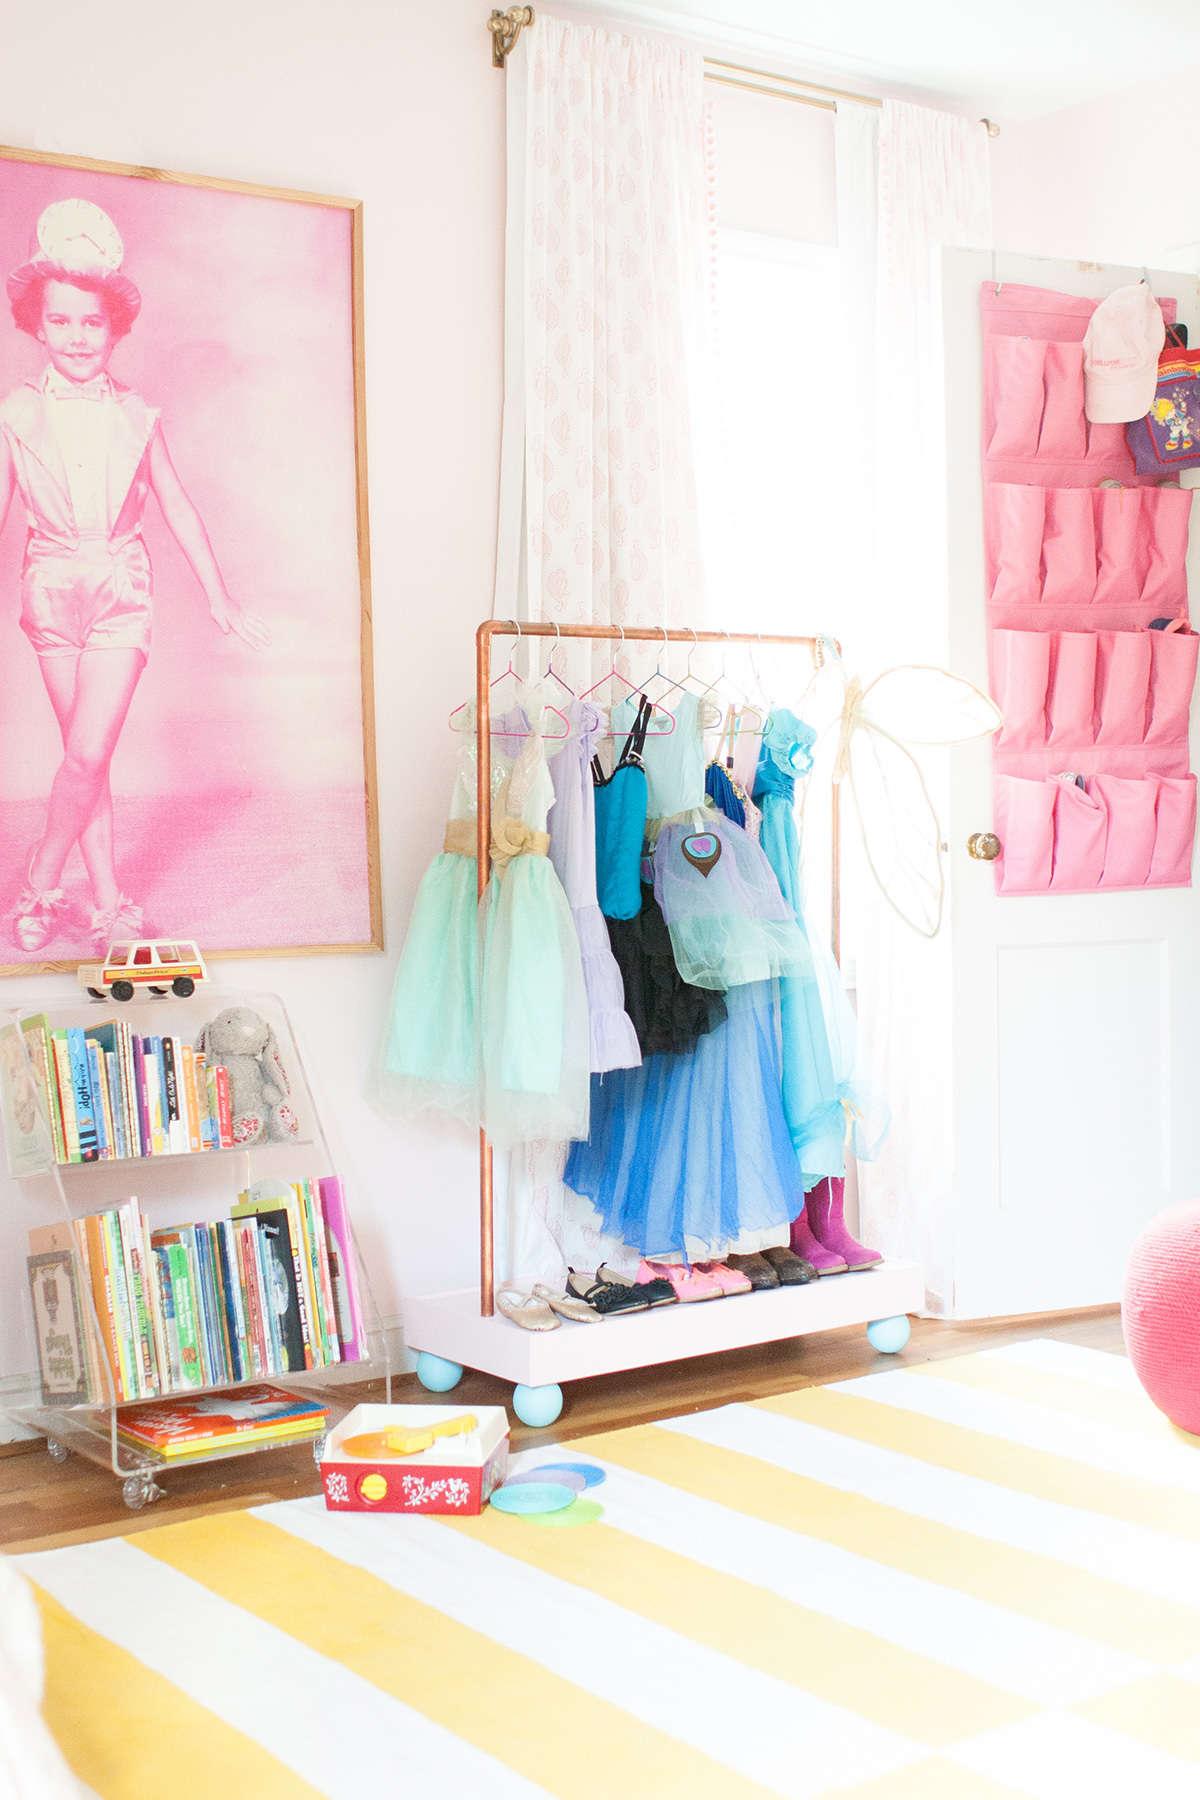 DIY Clothes Rack - Lay Baby Lay Lay Baby Lay